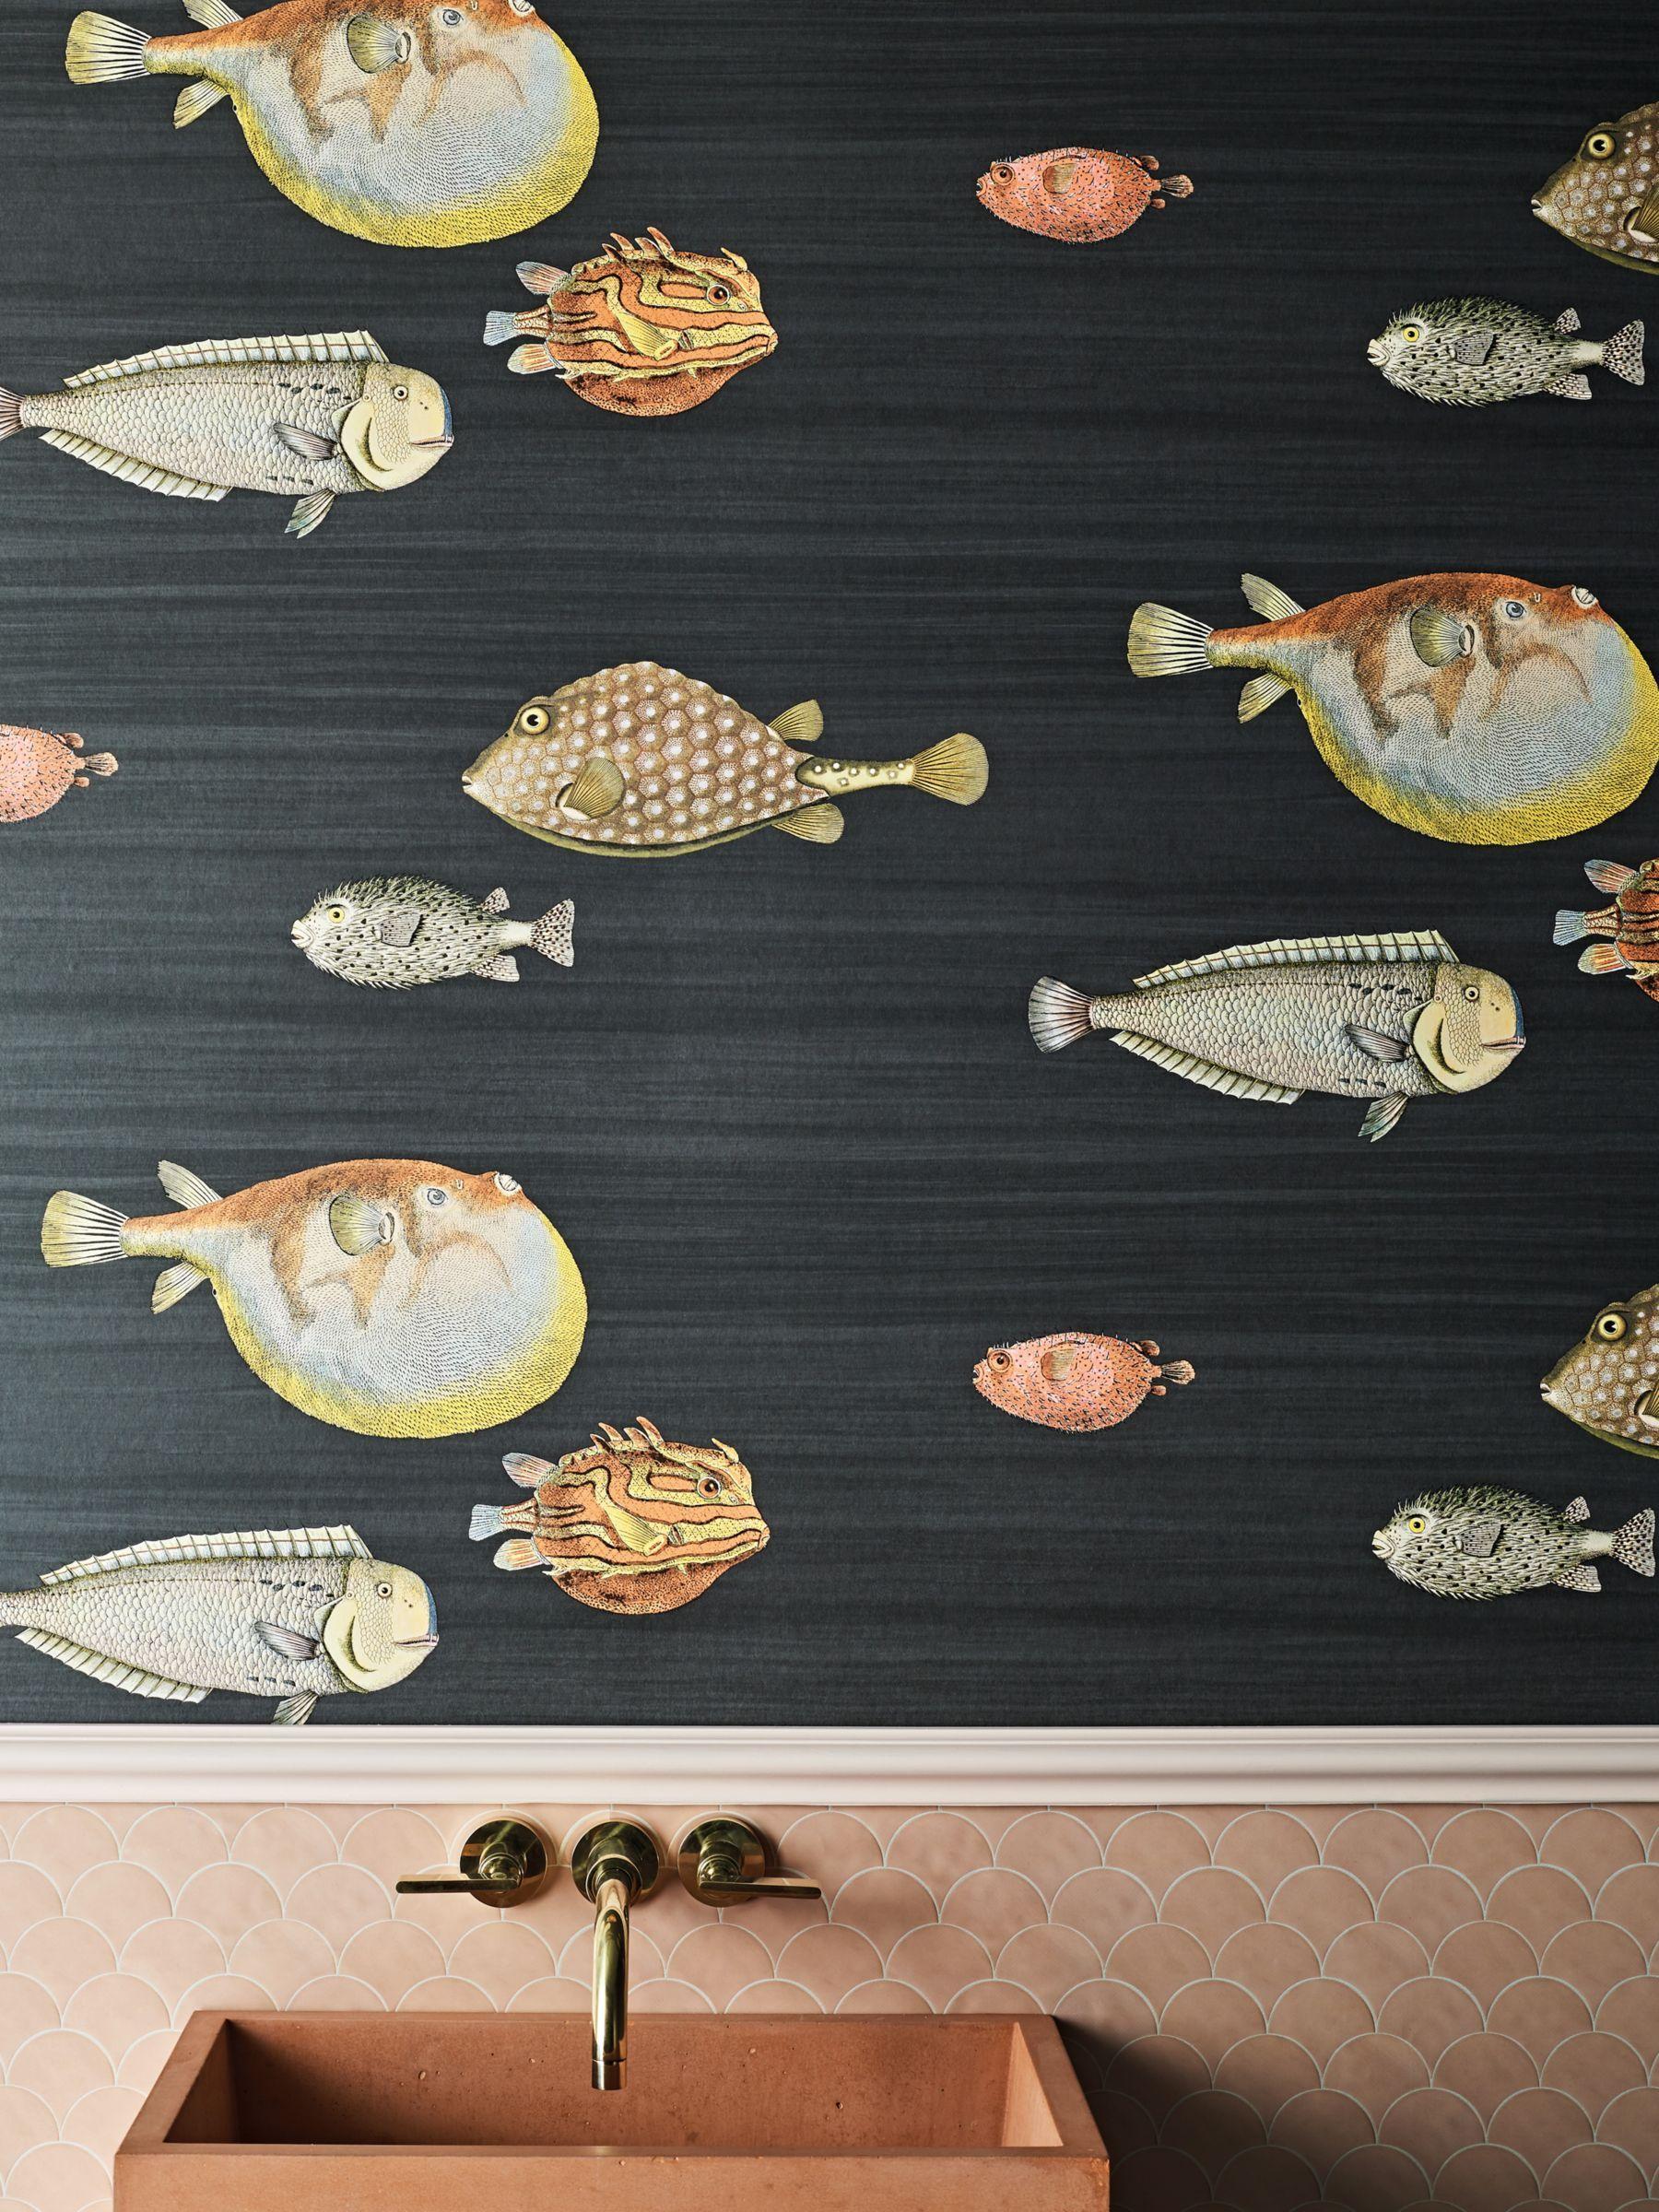 Acquario 114 16032 In 2020 Cole Son Wallpaper Cole Son Fish